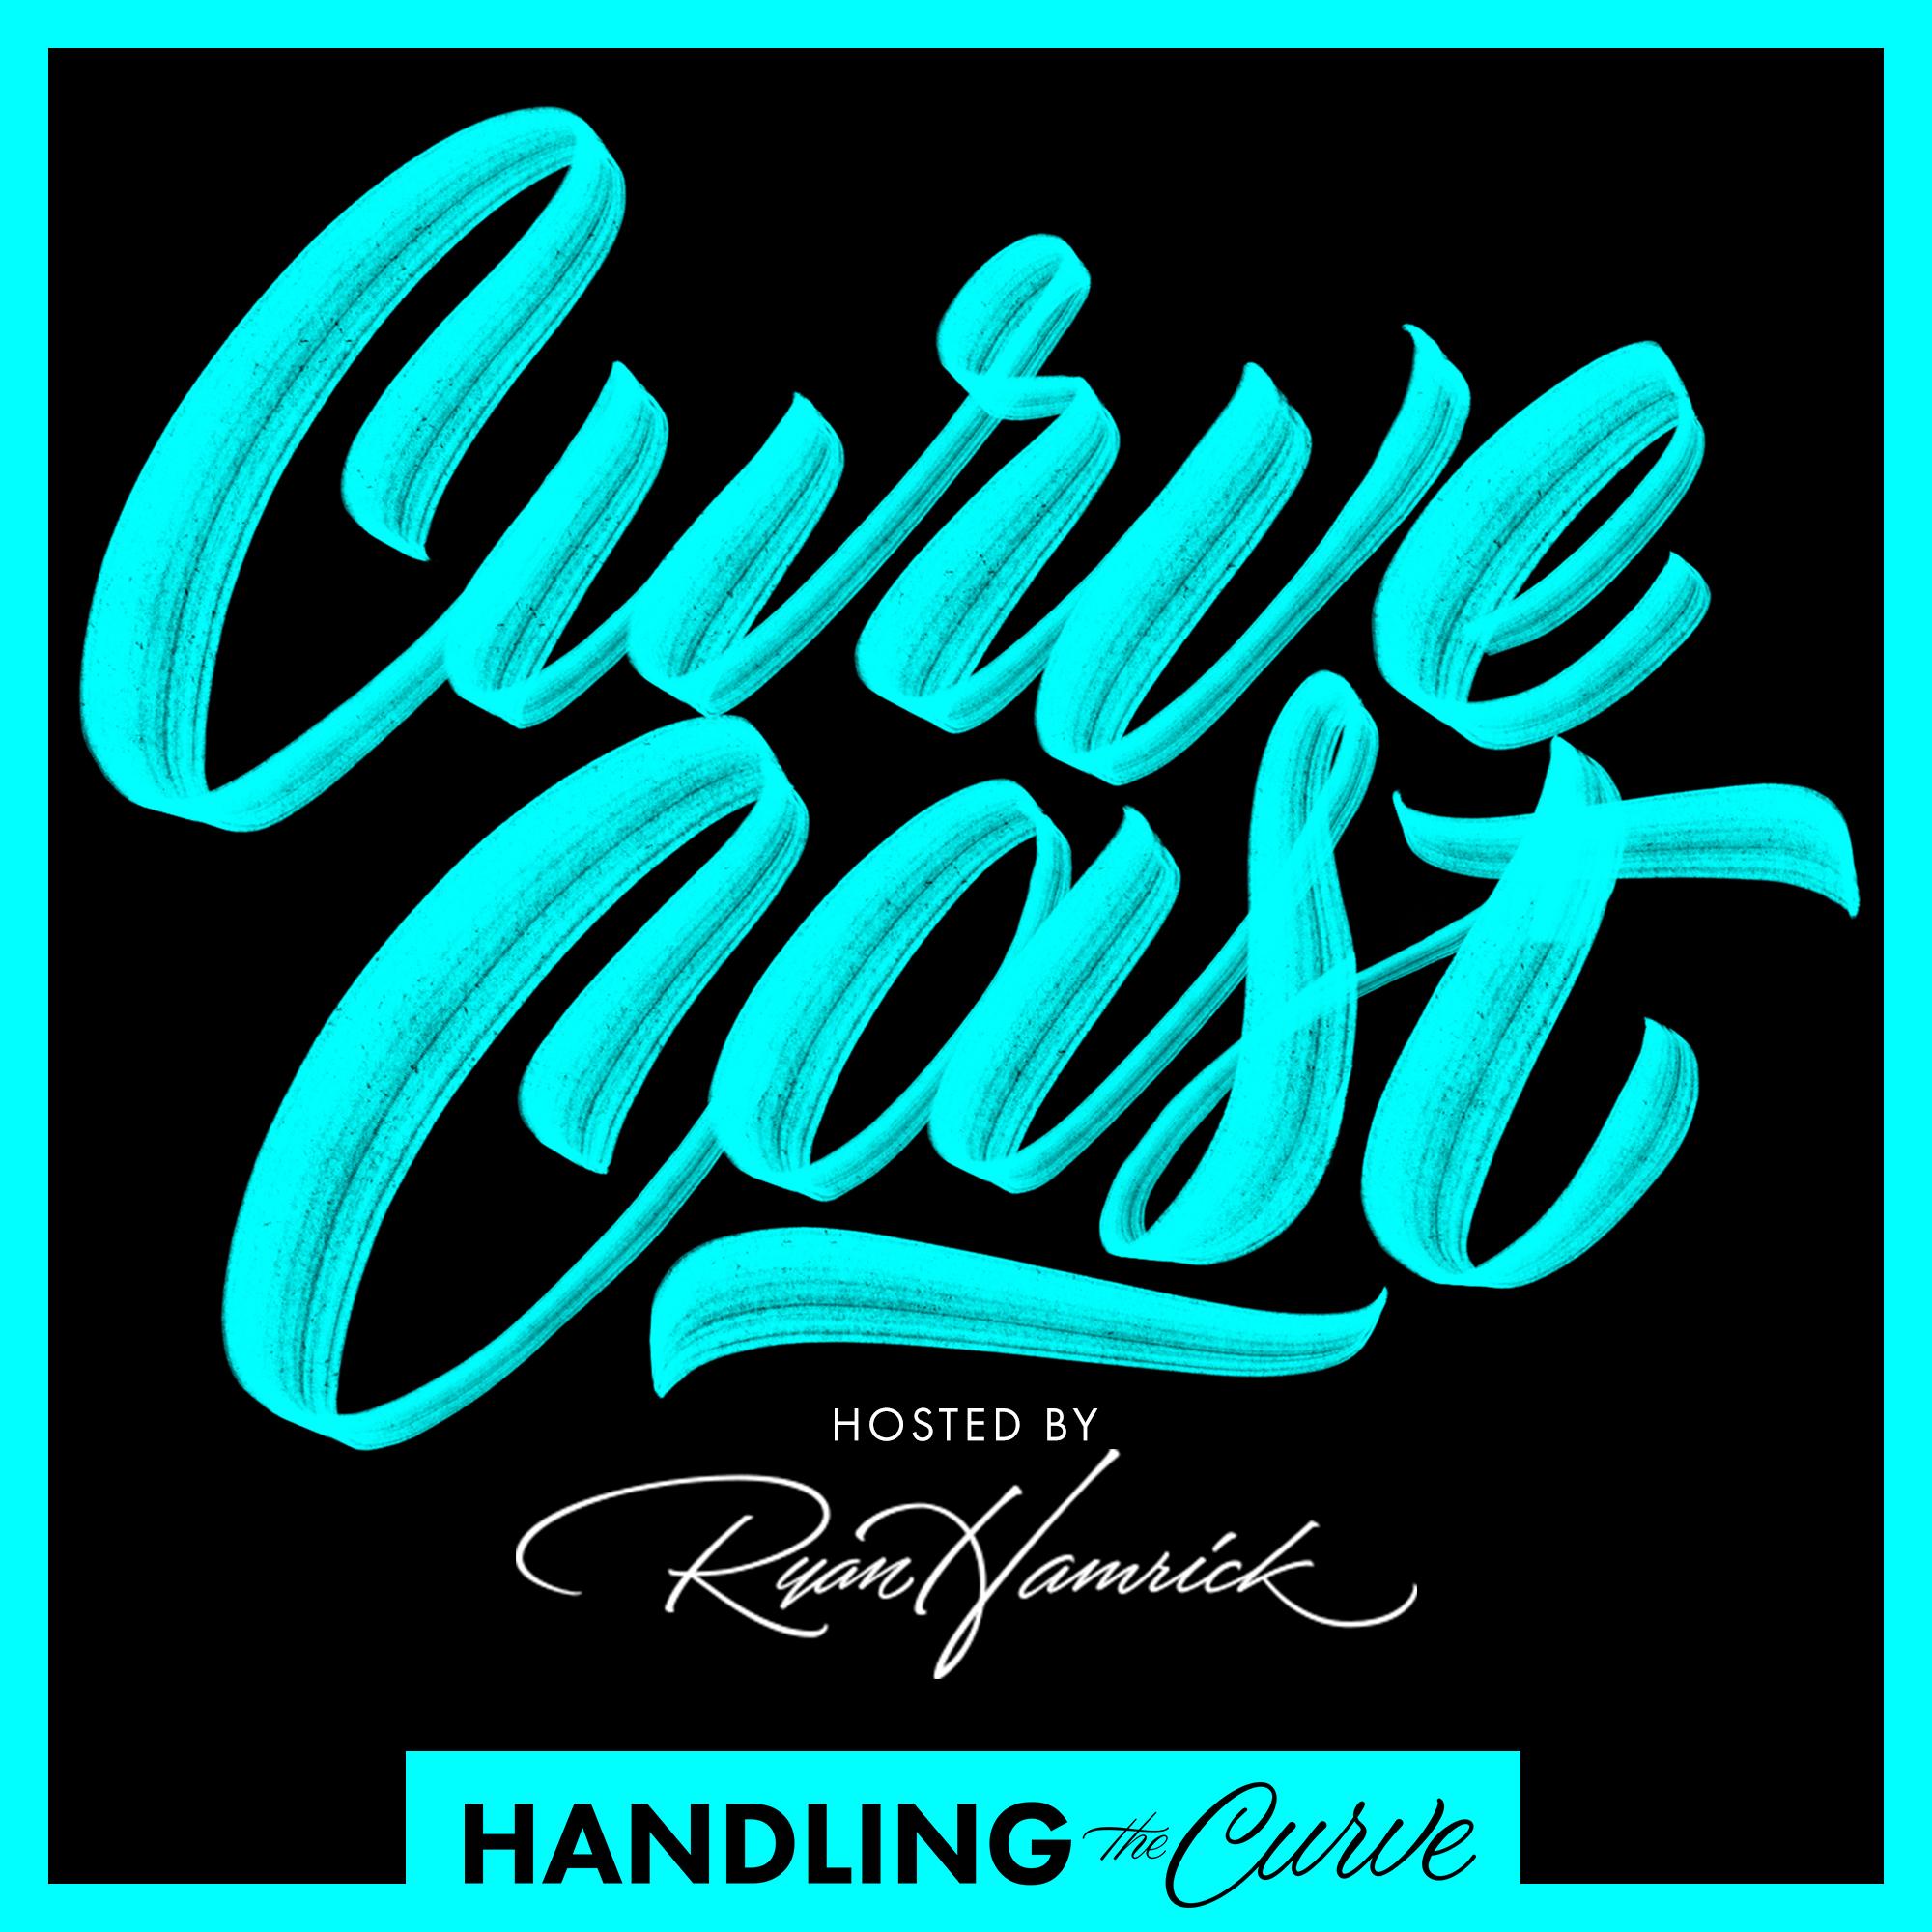 Curvecast show artwork